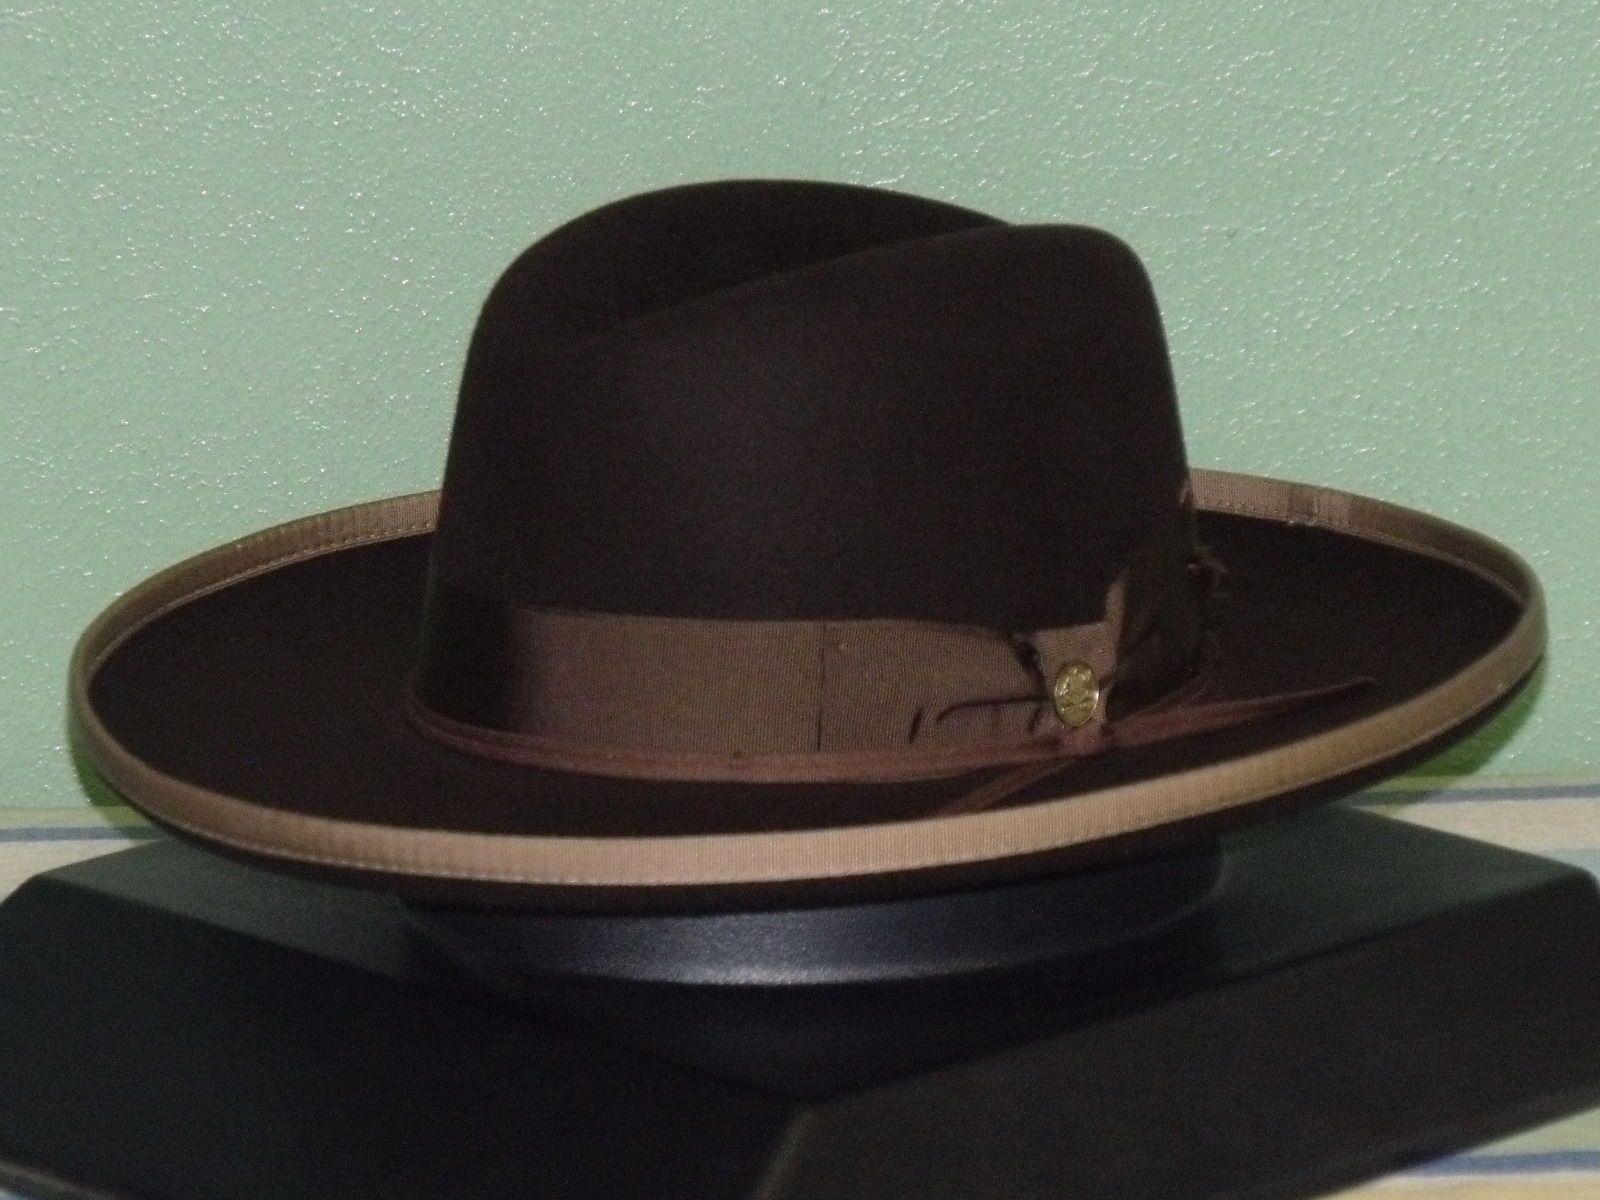 Stetson west bound b rolled brim royal deluxe fur felt fedora hat ... 9c027dbbddb